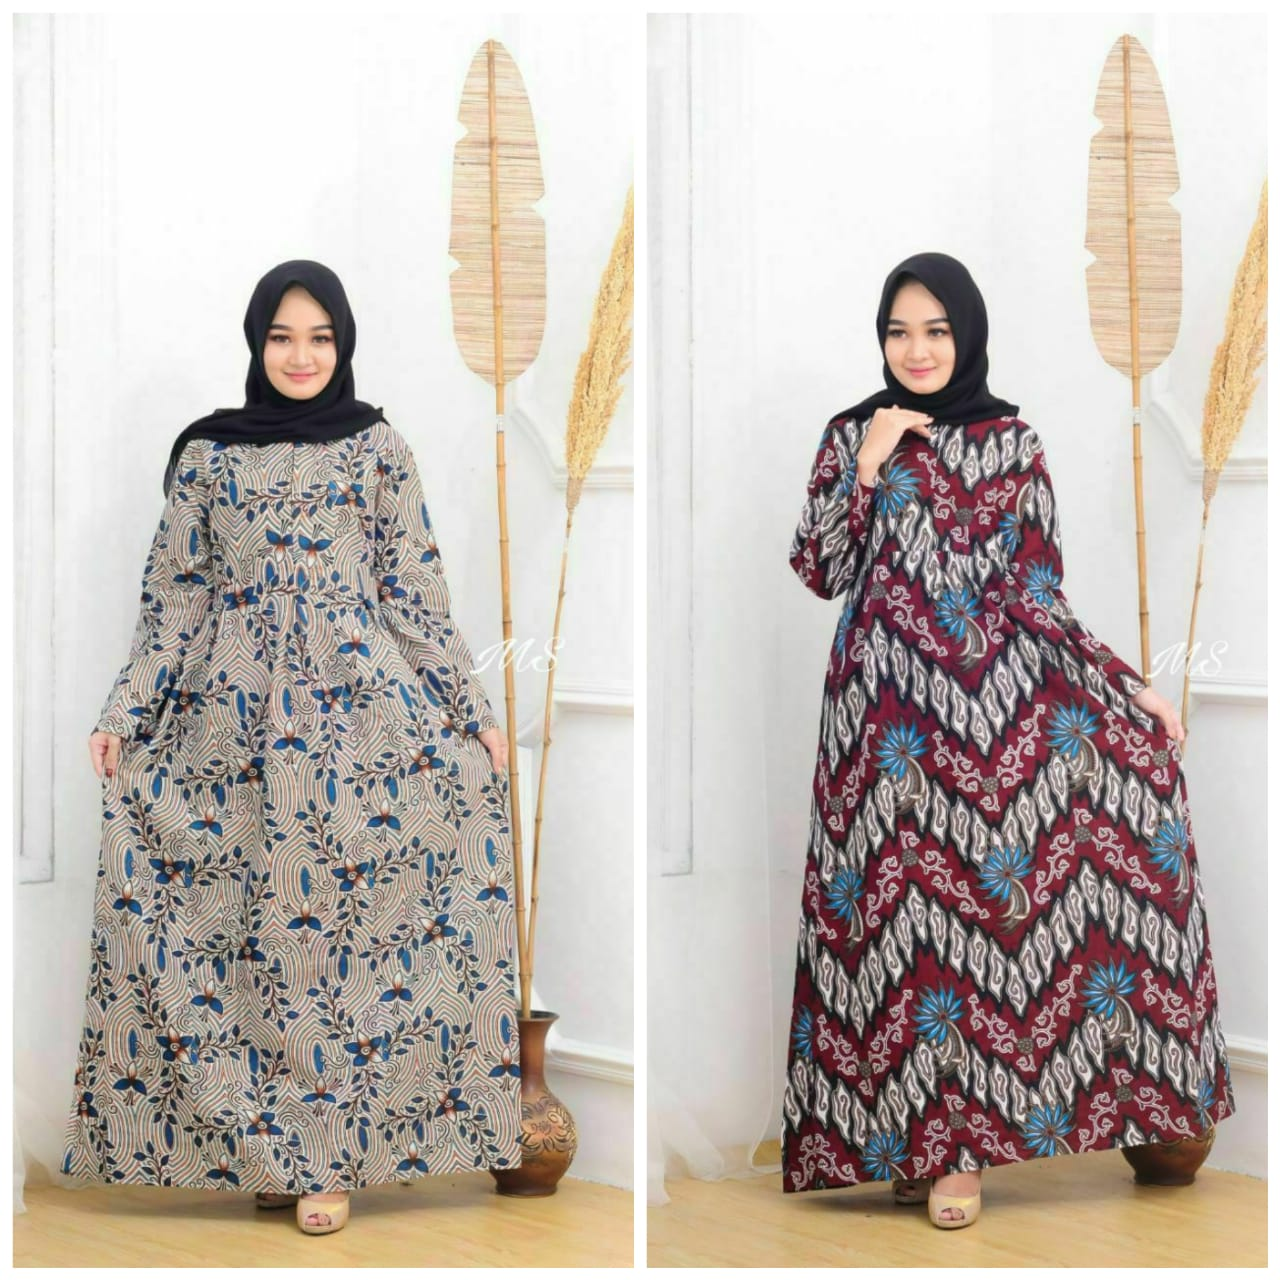 Gamis batik wanita modern 11 gamis pesta model gamis batik Gamis Wanita  batik Motif Mekar modern model terbaru 11 Kekinian gamis pesta exclusive